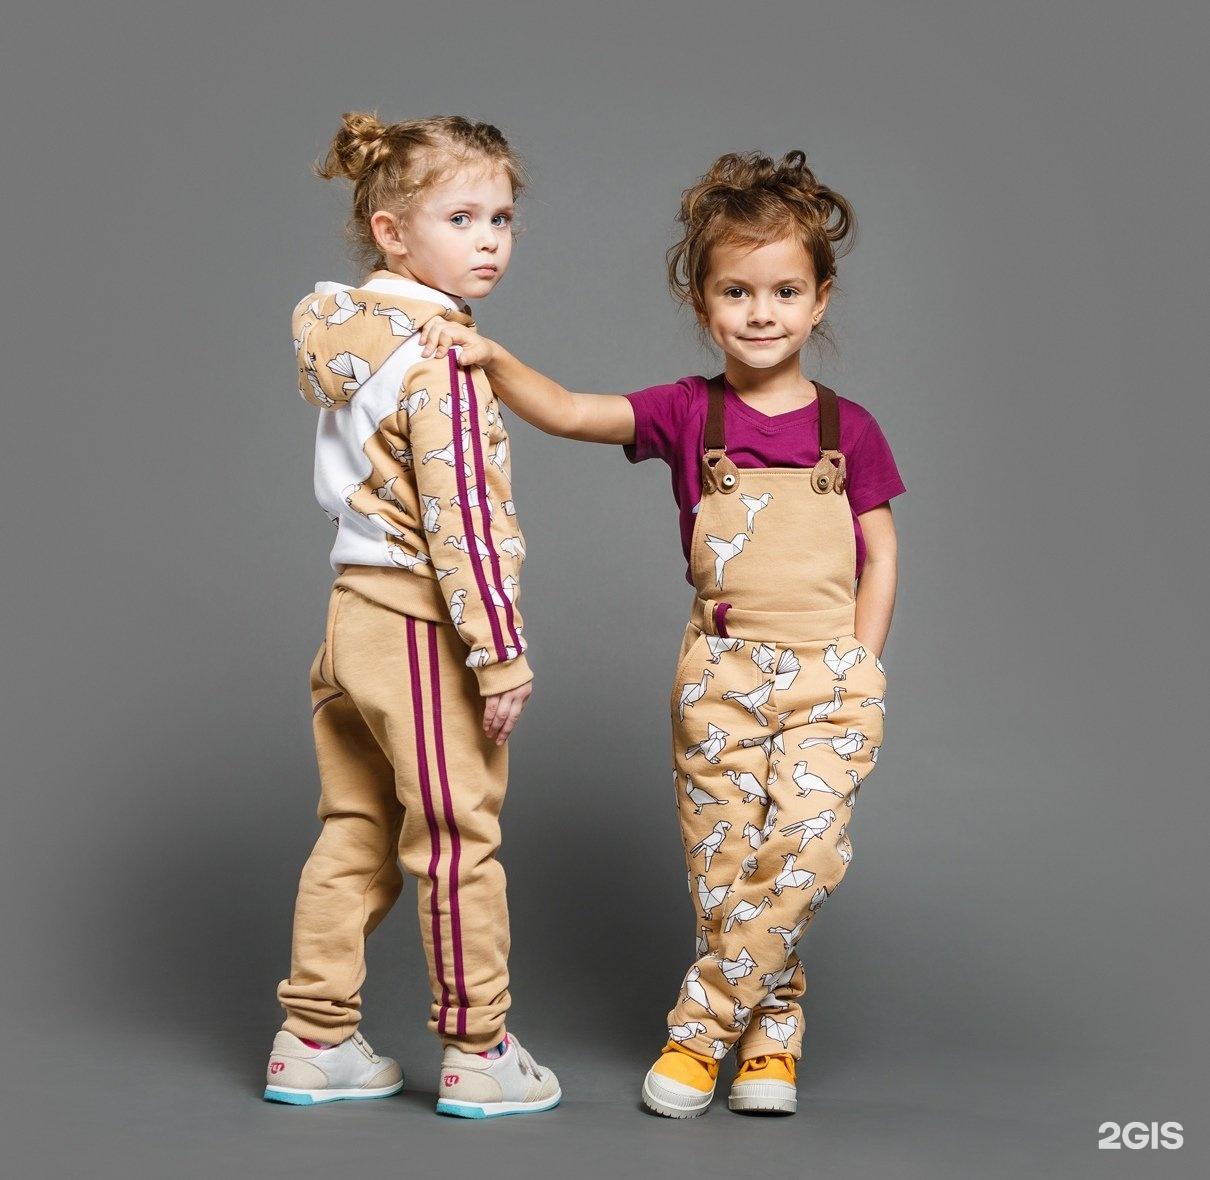 Картинки с детской одеждой рекламные